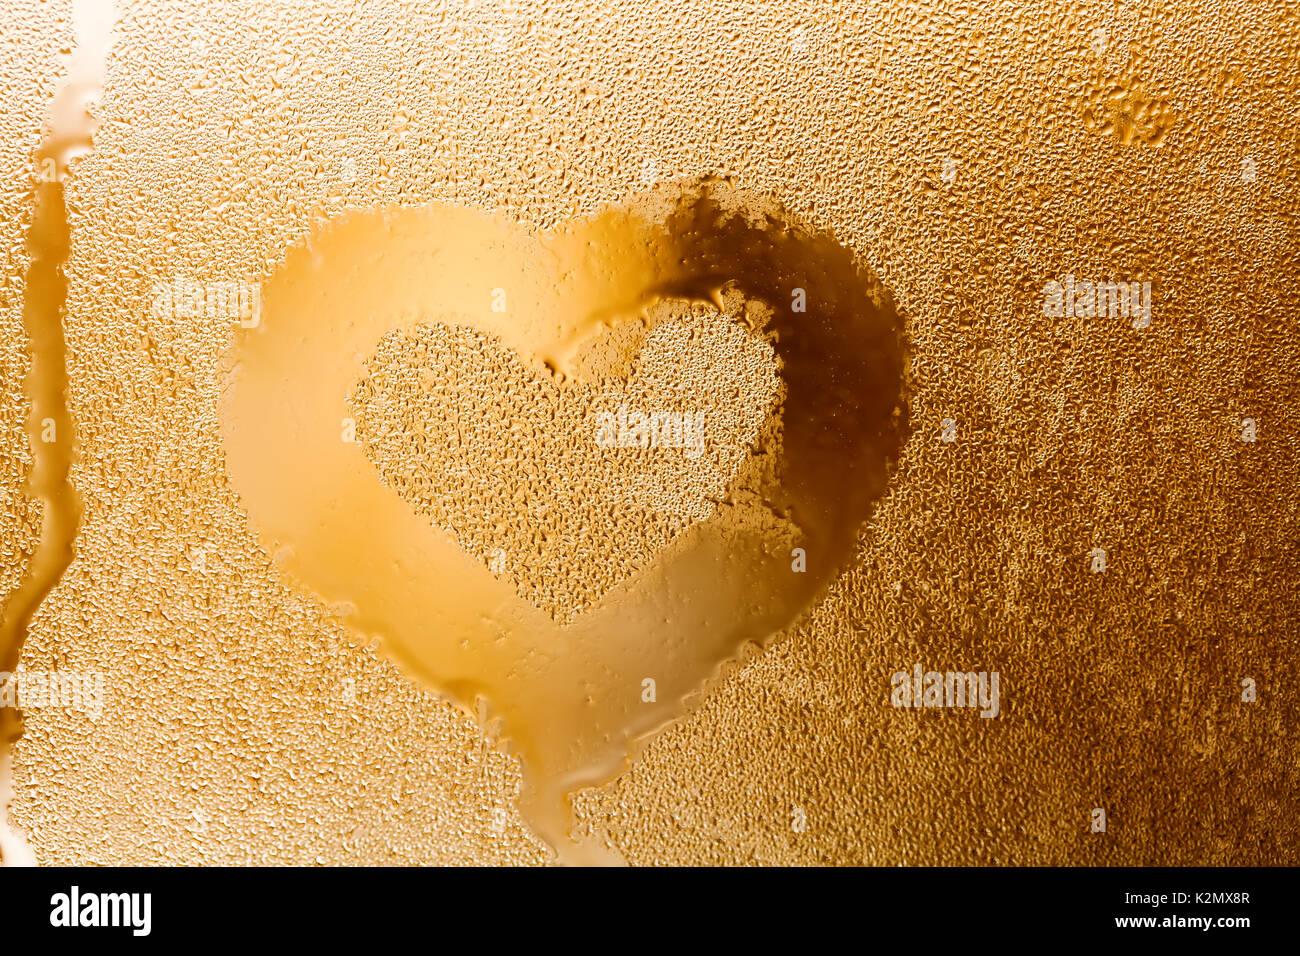 Forme de coeur d'amour et de gouttes de motif texturé. Résumé La couleur d'or fenêtre avec goutte d'eau, liquides de bulles. macro-vision. Profondeur de champ. Valentines Day concept horizontal. Photo Stock